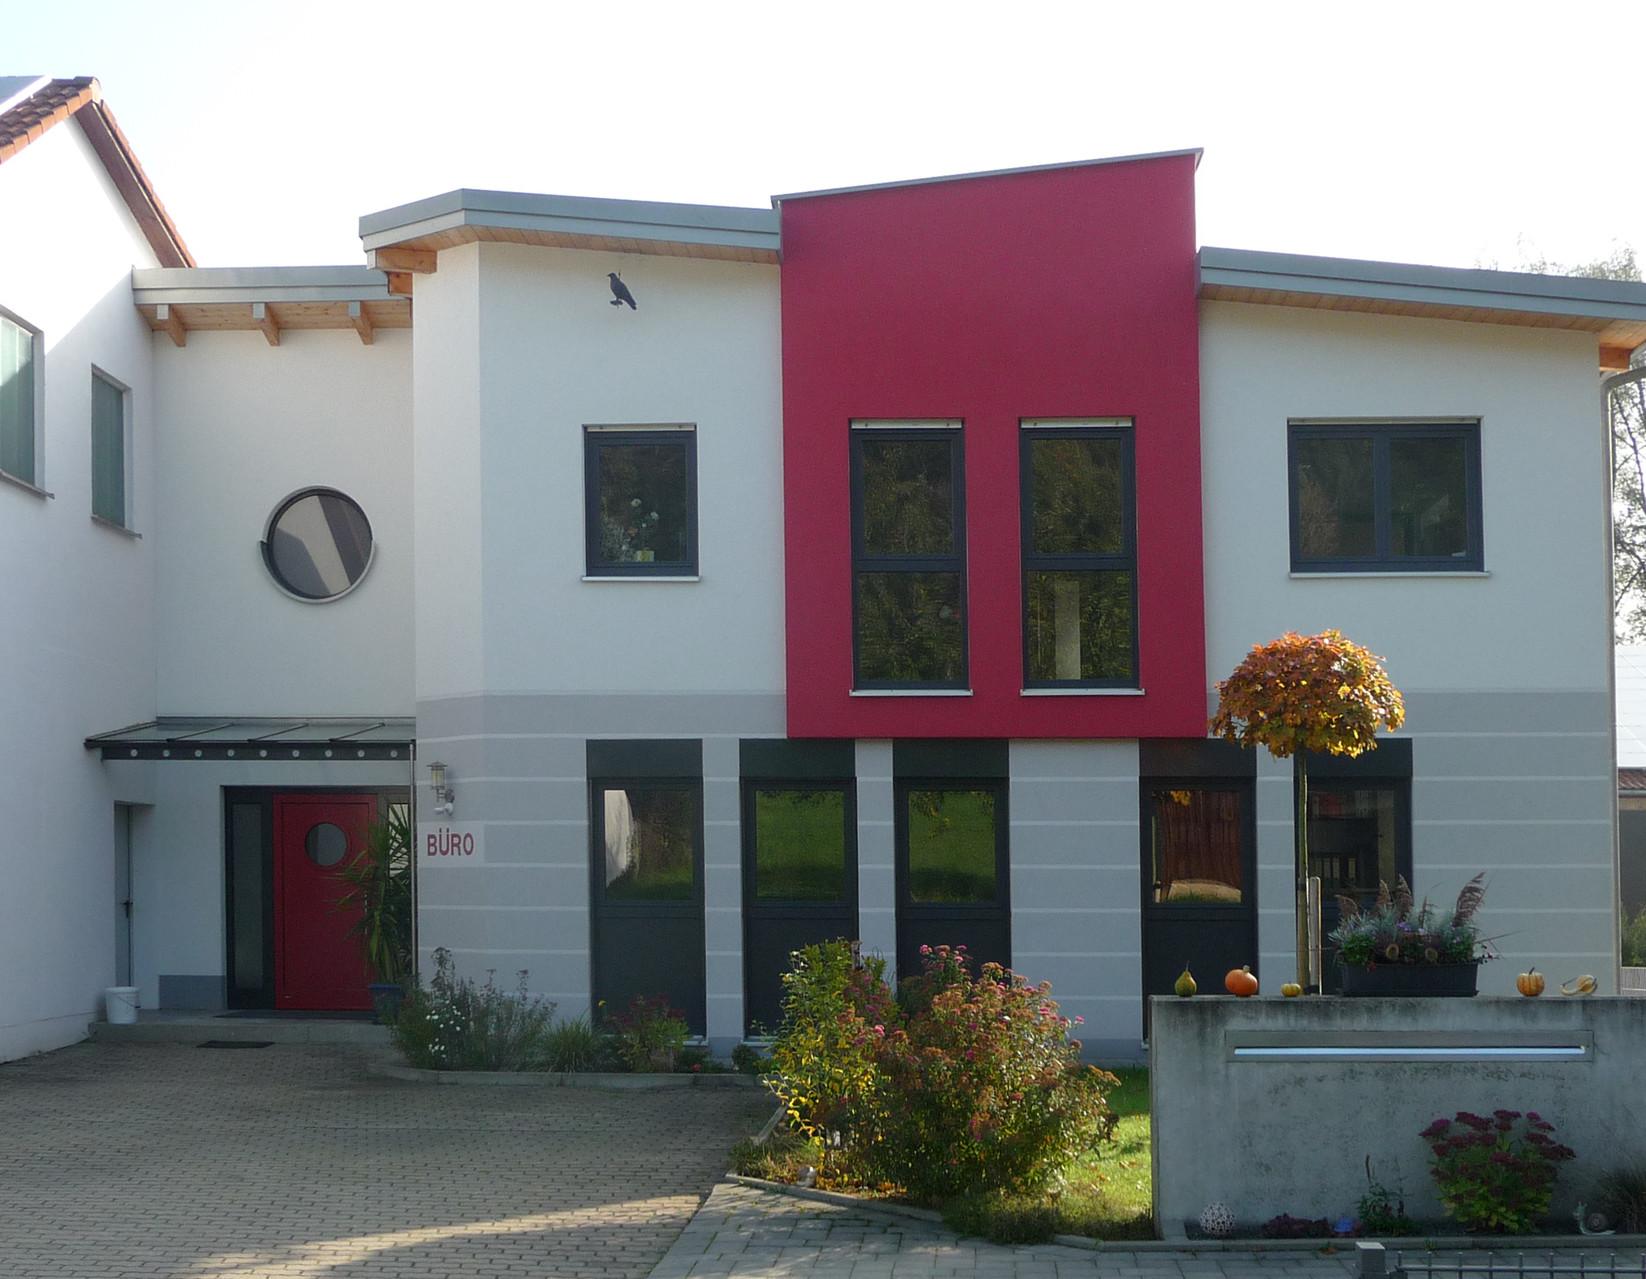 Projekt: Außenputz Gewerbegebäude